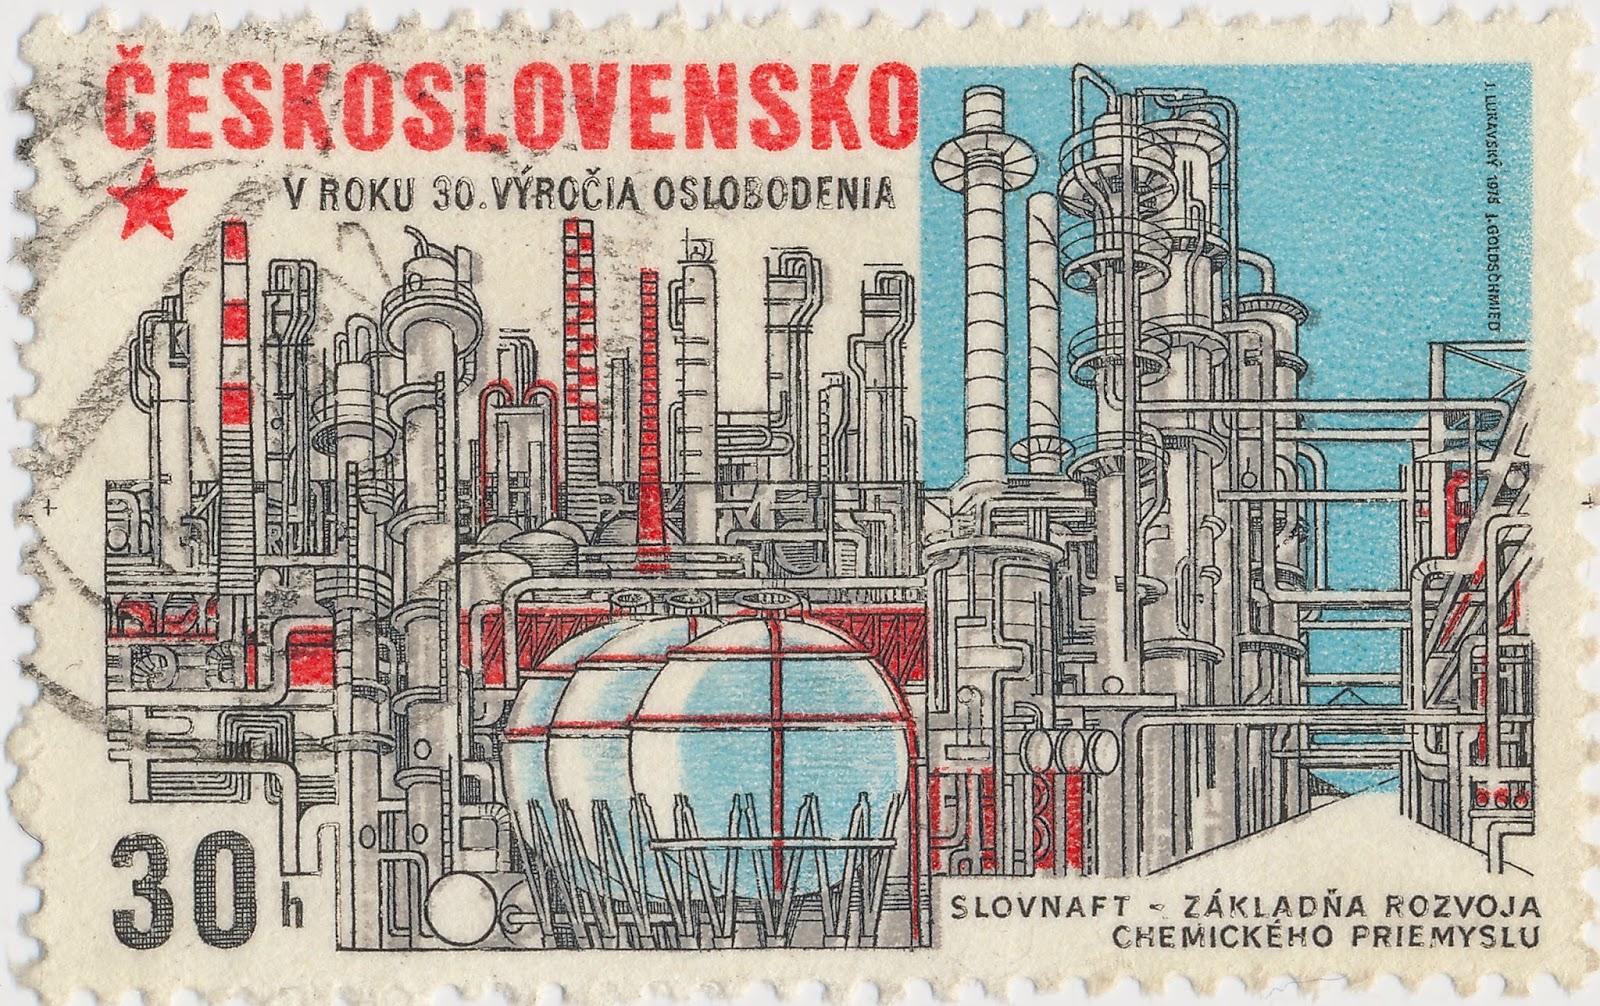 Aktulne akcie - Slovnaft